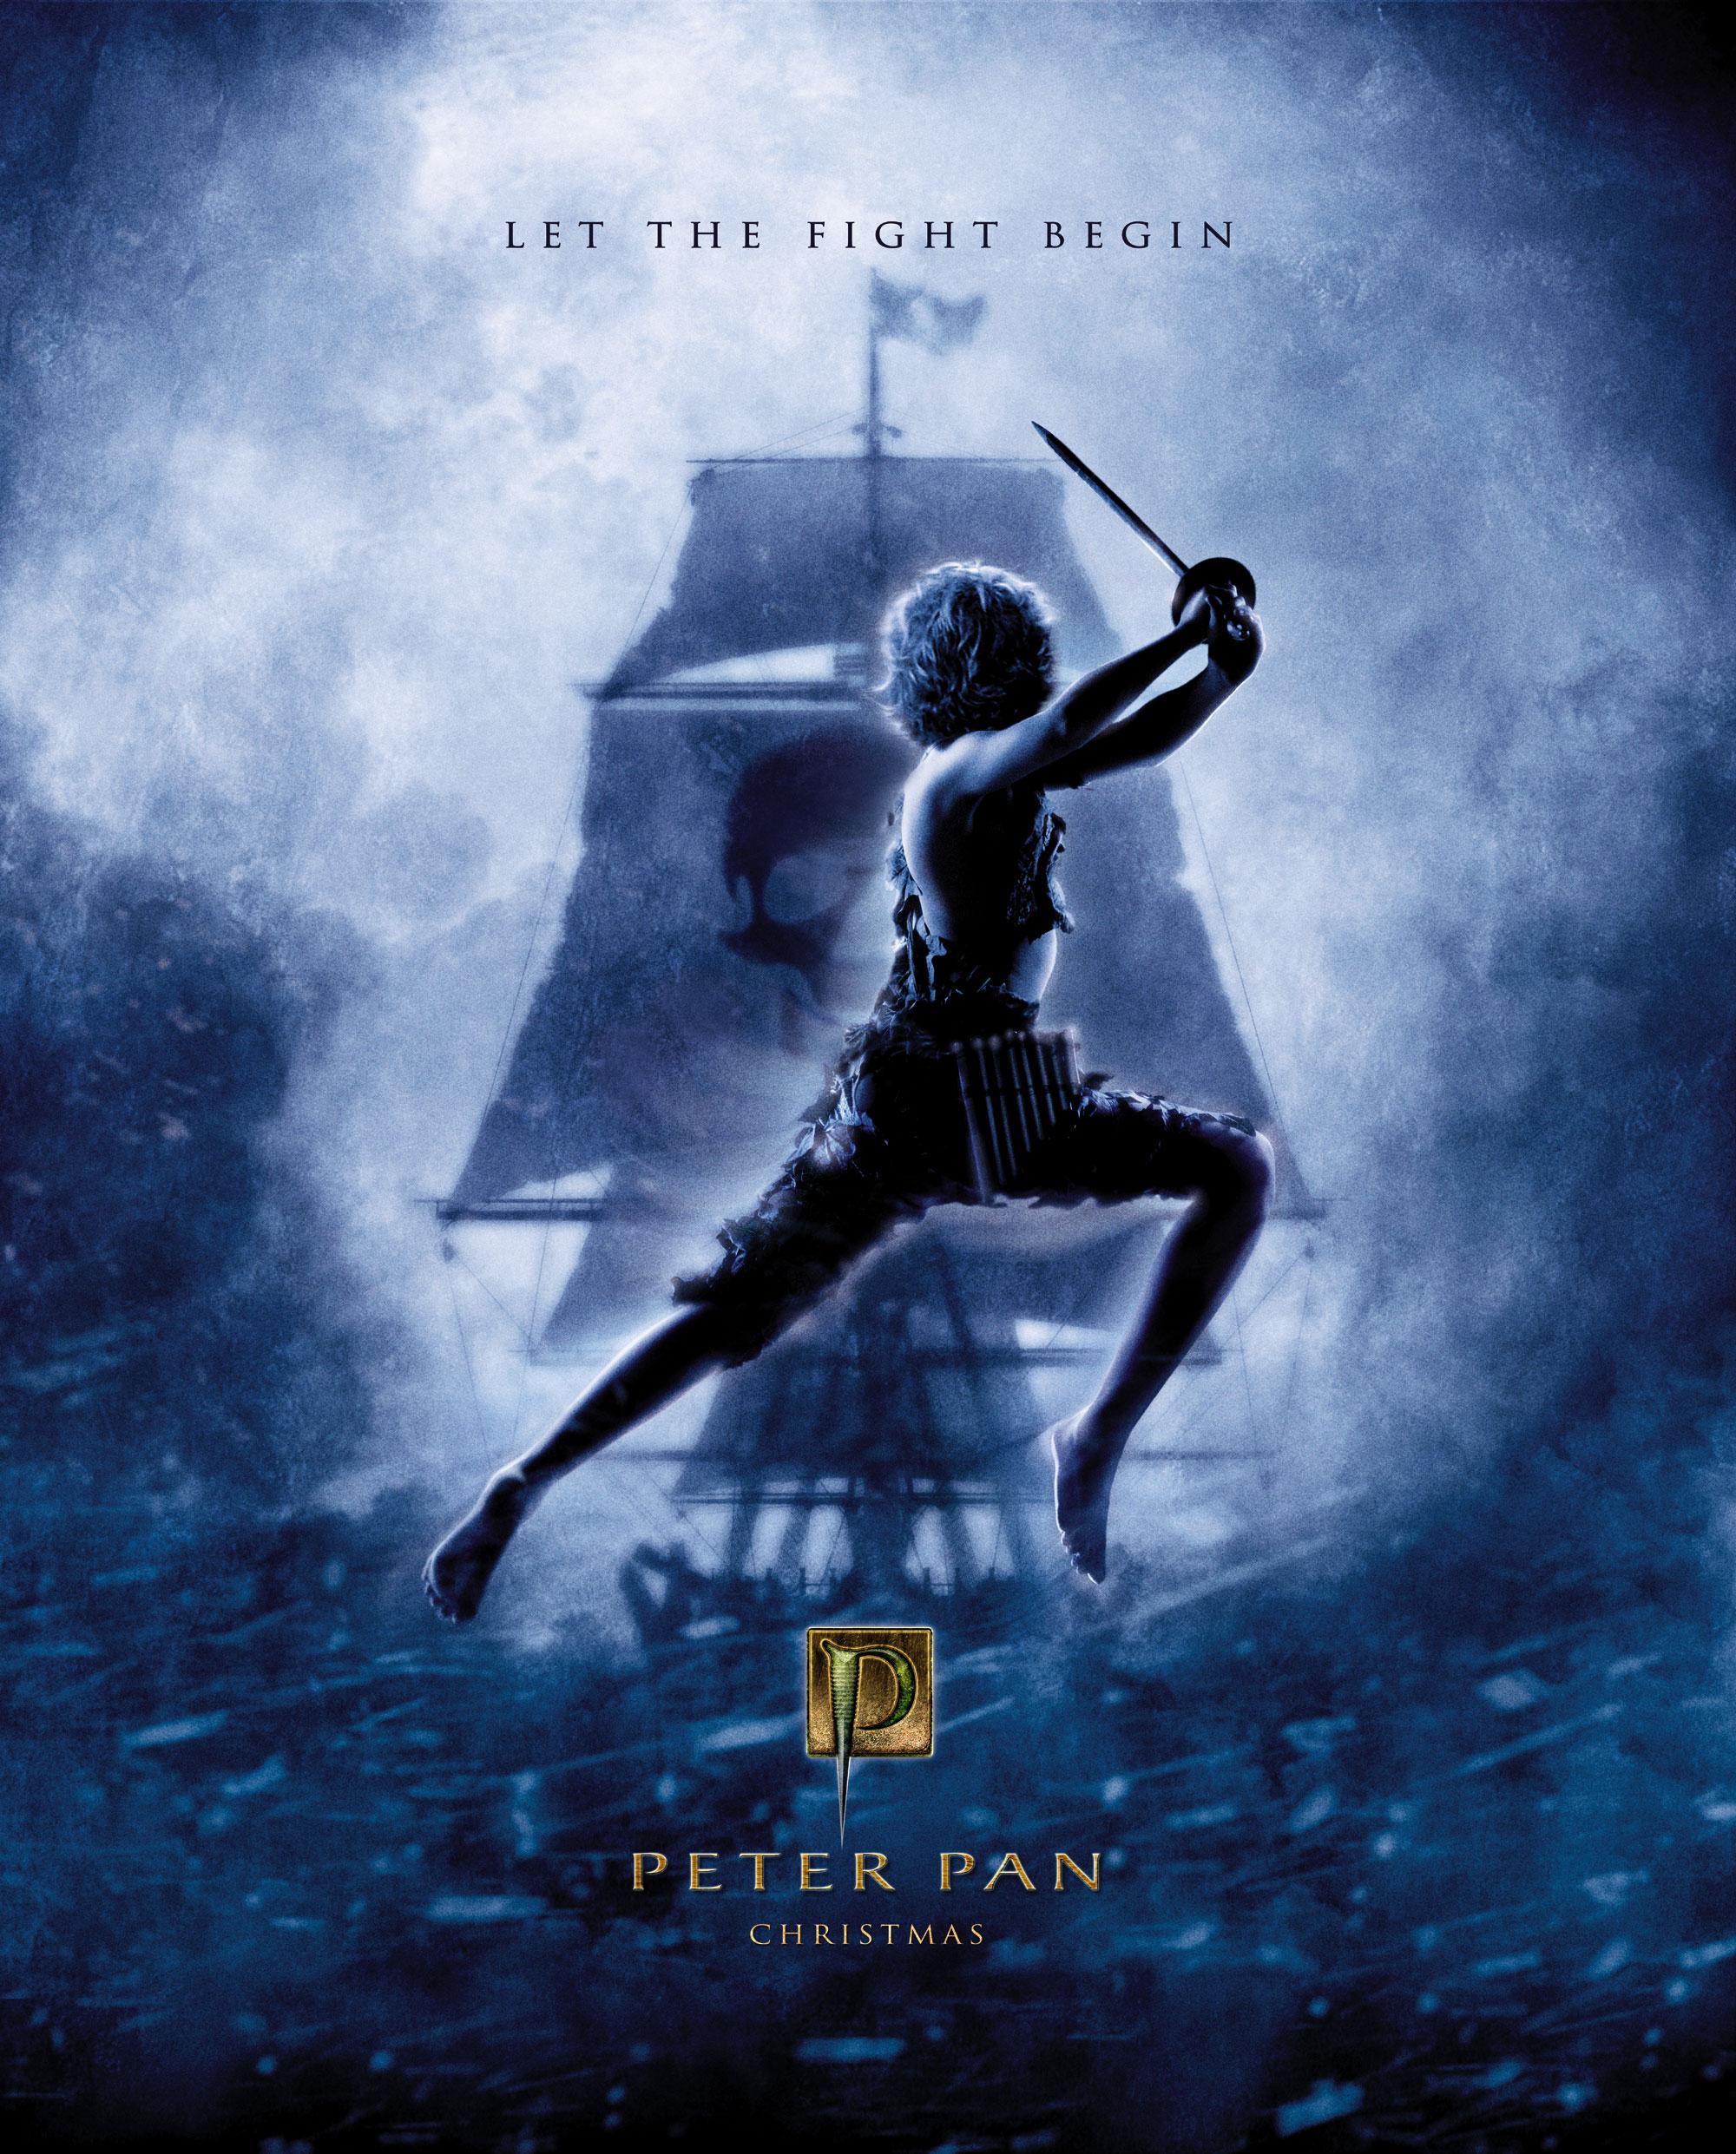 Постер PSP Фильмы о Питере Пэне / Films about Peter Pan.  Ссылка.